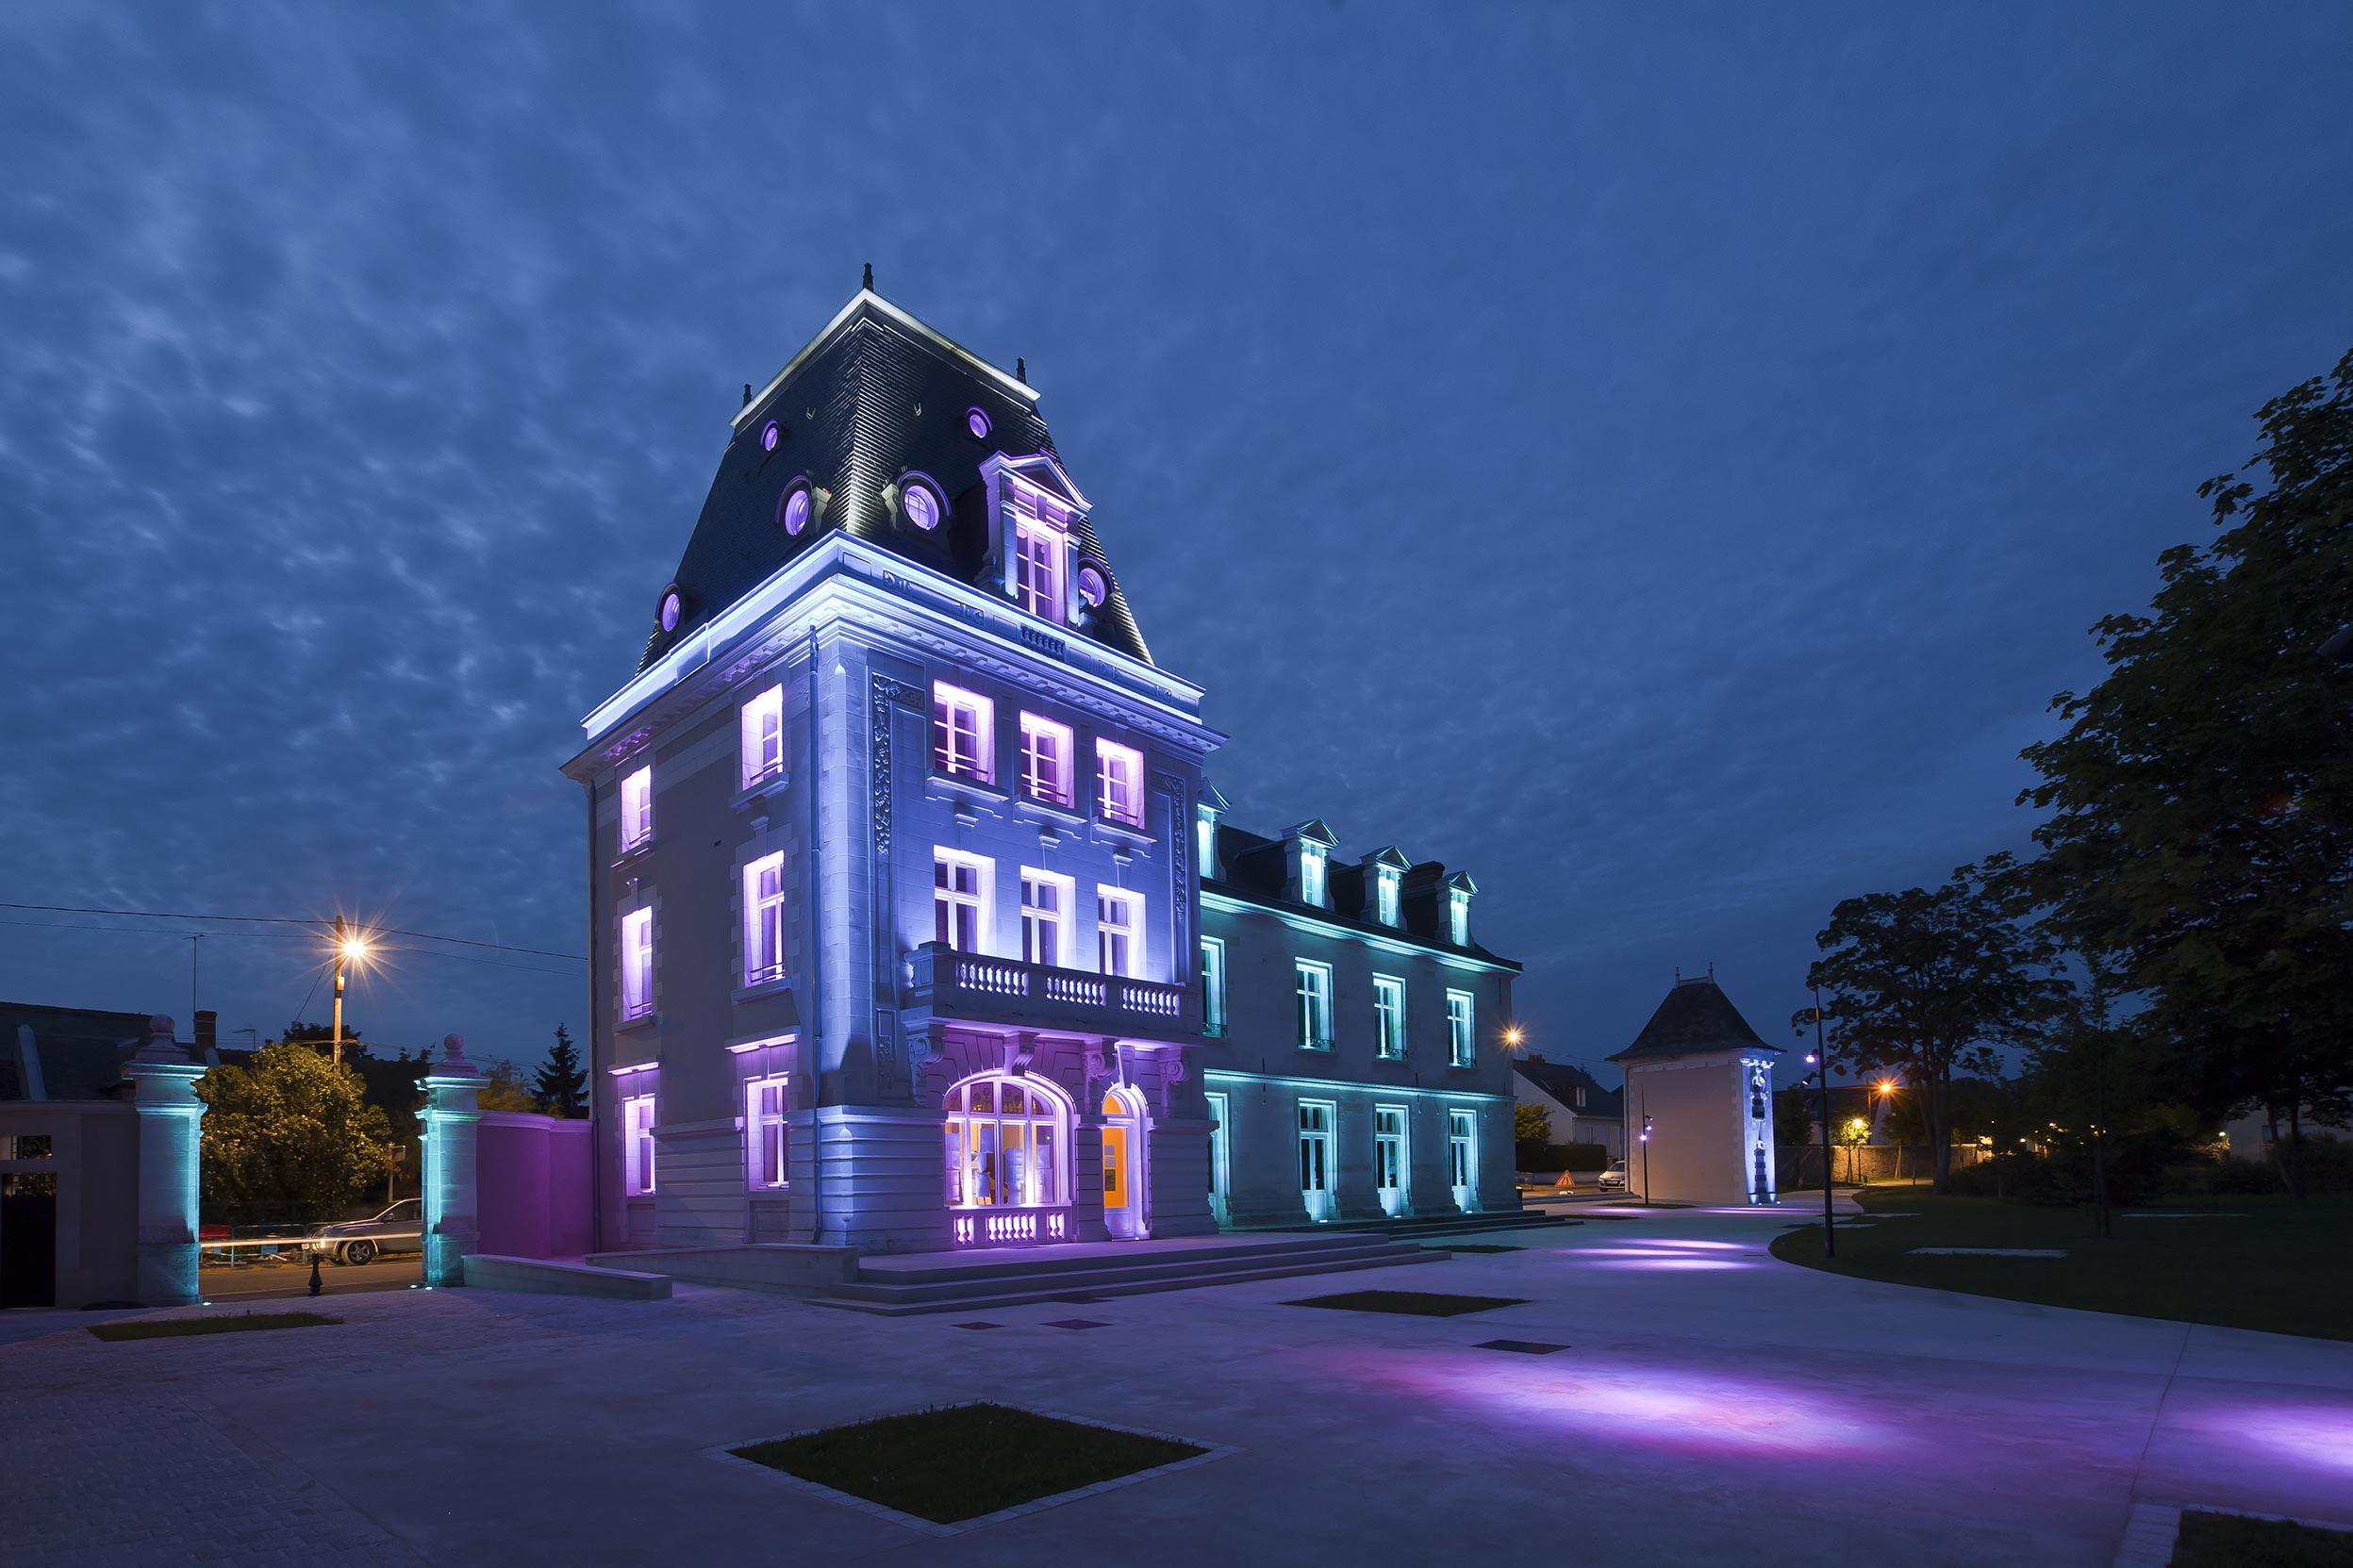 Illuminazione scenografica monumentale. Una delle tante possibili competenze applicative della professione del lighting designer